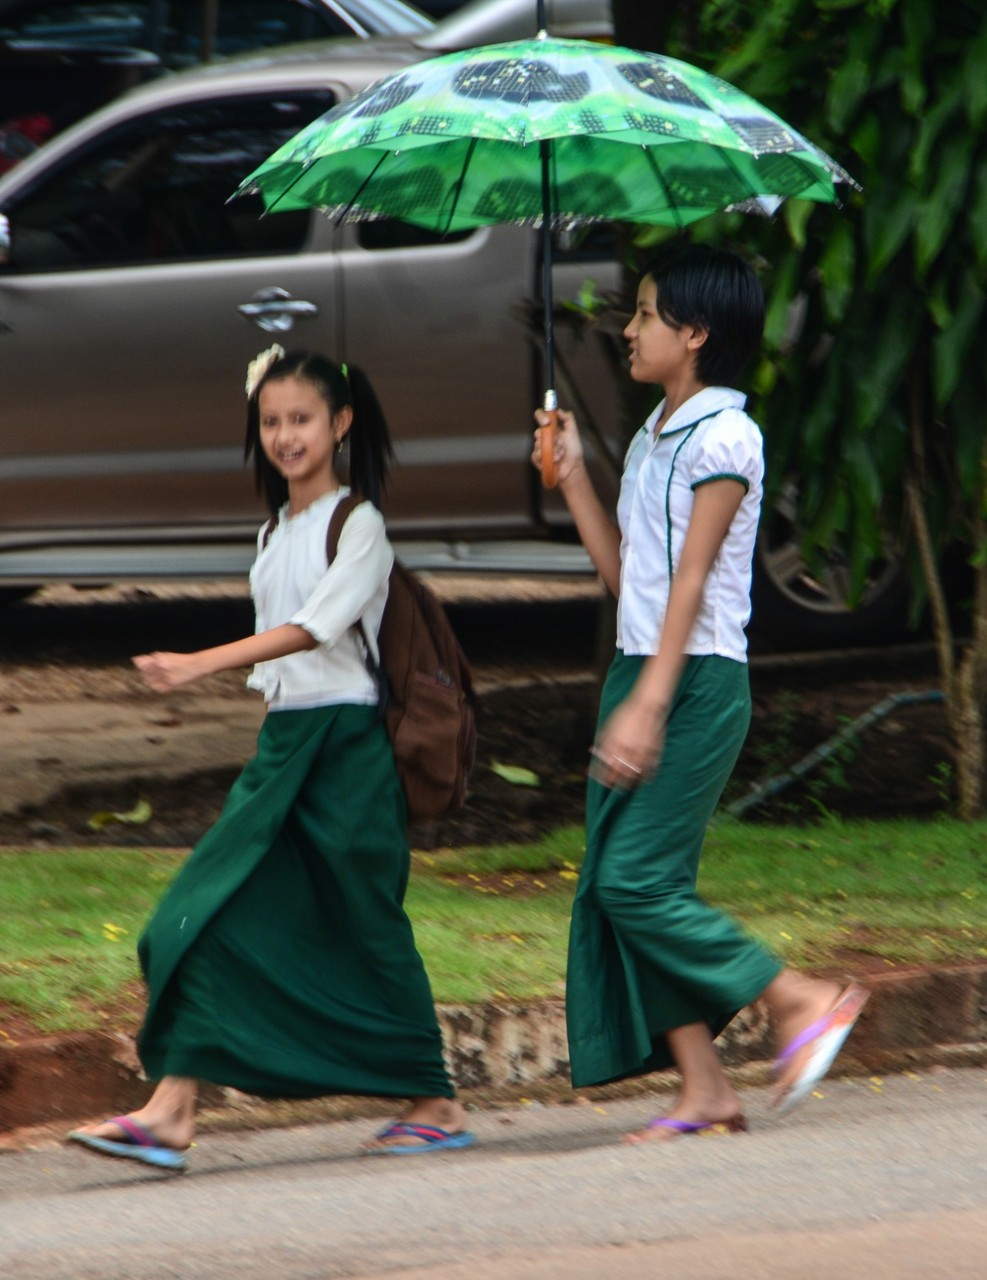 Momentaufnahme an der Grenze zu Myanmar (Burma)